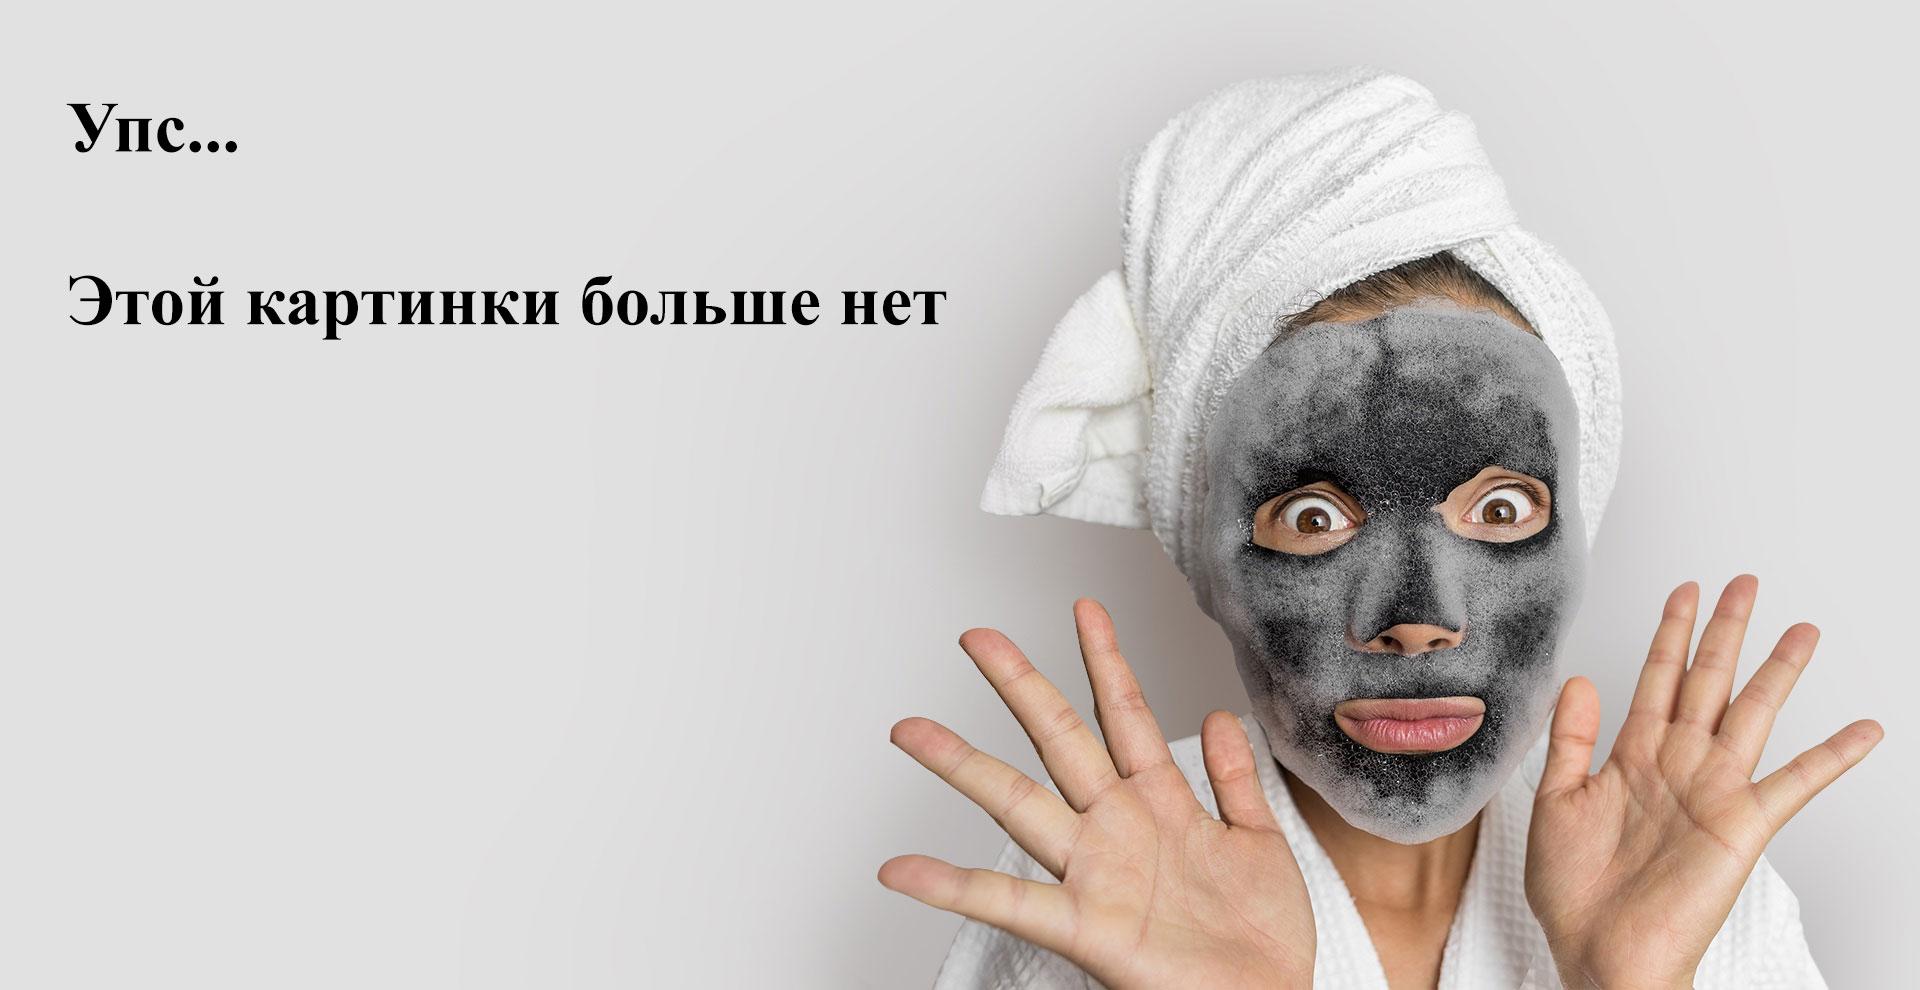 Igrobeauty, Альгинатная крио-маска для возрастной кожи, 30 г